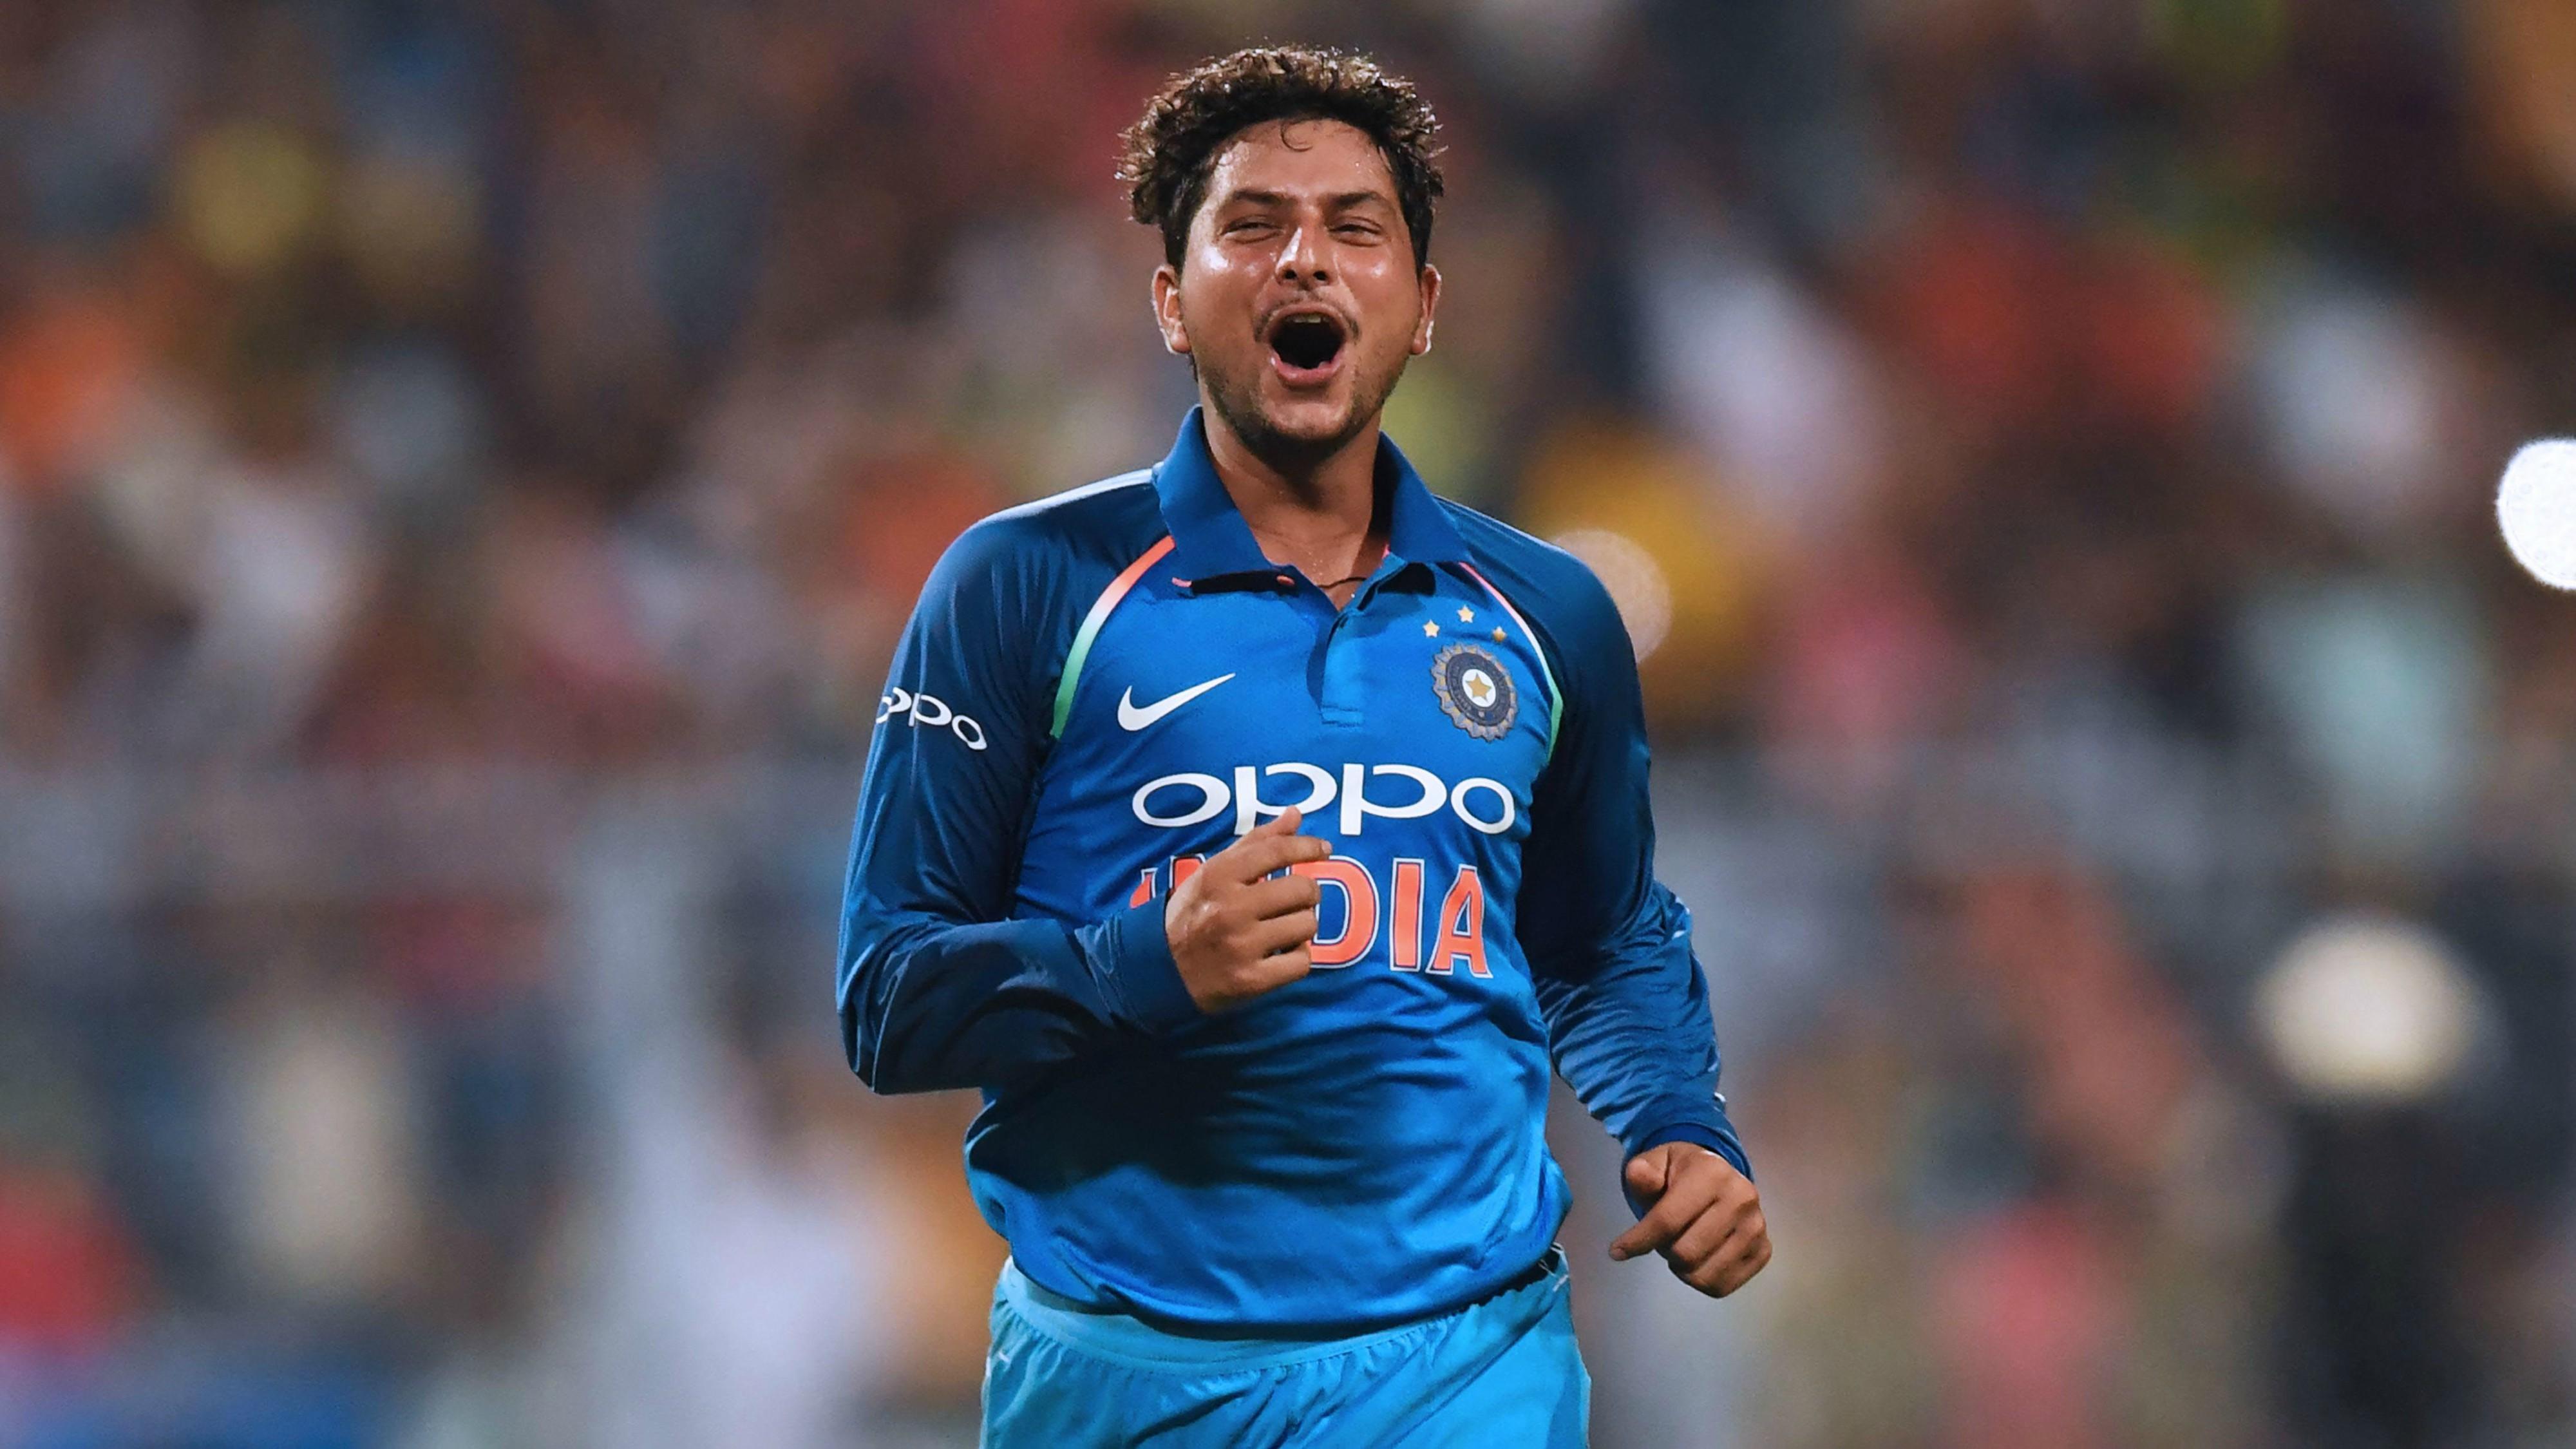 न्यूजीलैंड के खिलाफ पहले वनडे के लिए 11 सदस्यी भारतीय टीम, पहली बार न्यूज़ीलैंड के खिलाफ खेलता नजर आएगा ये खिलाड़ी! 9